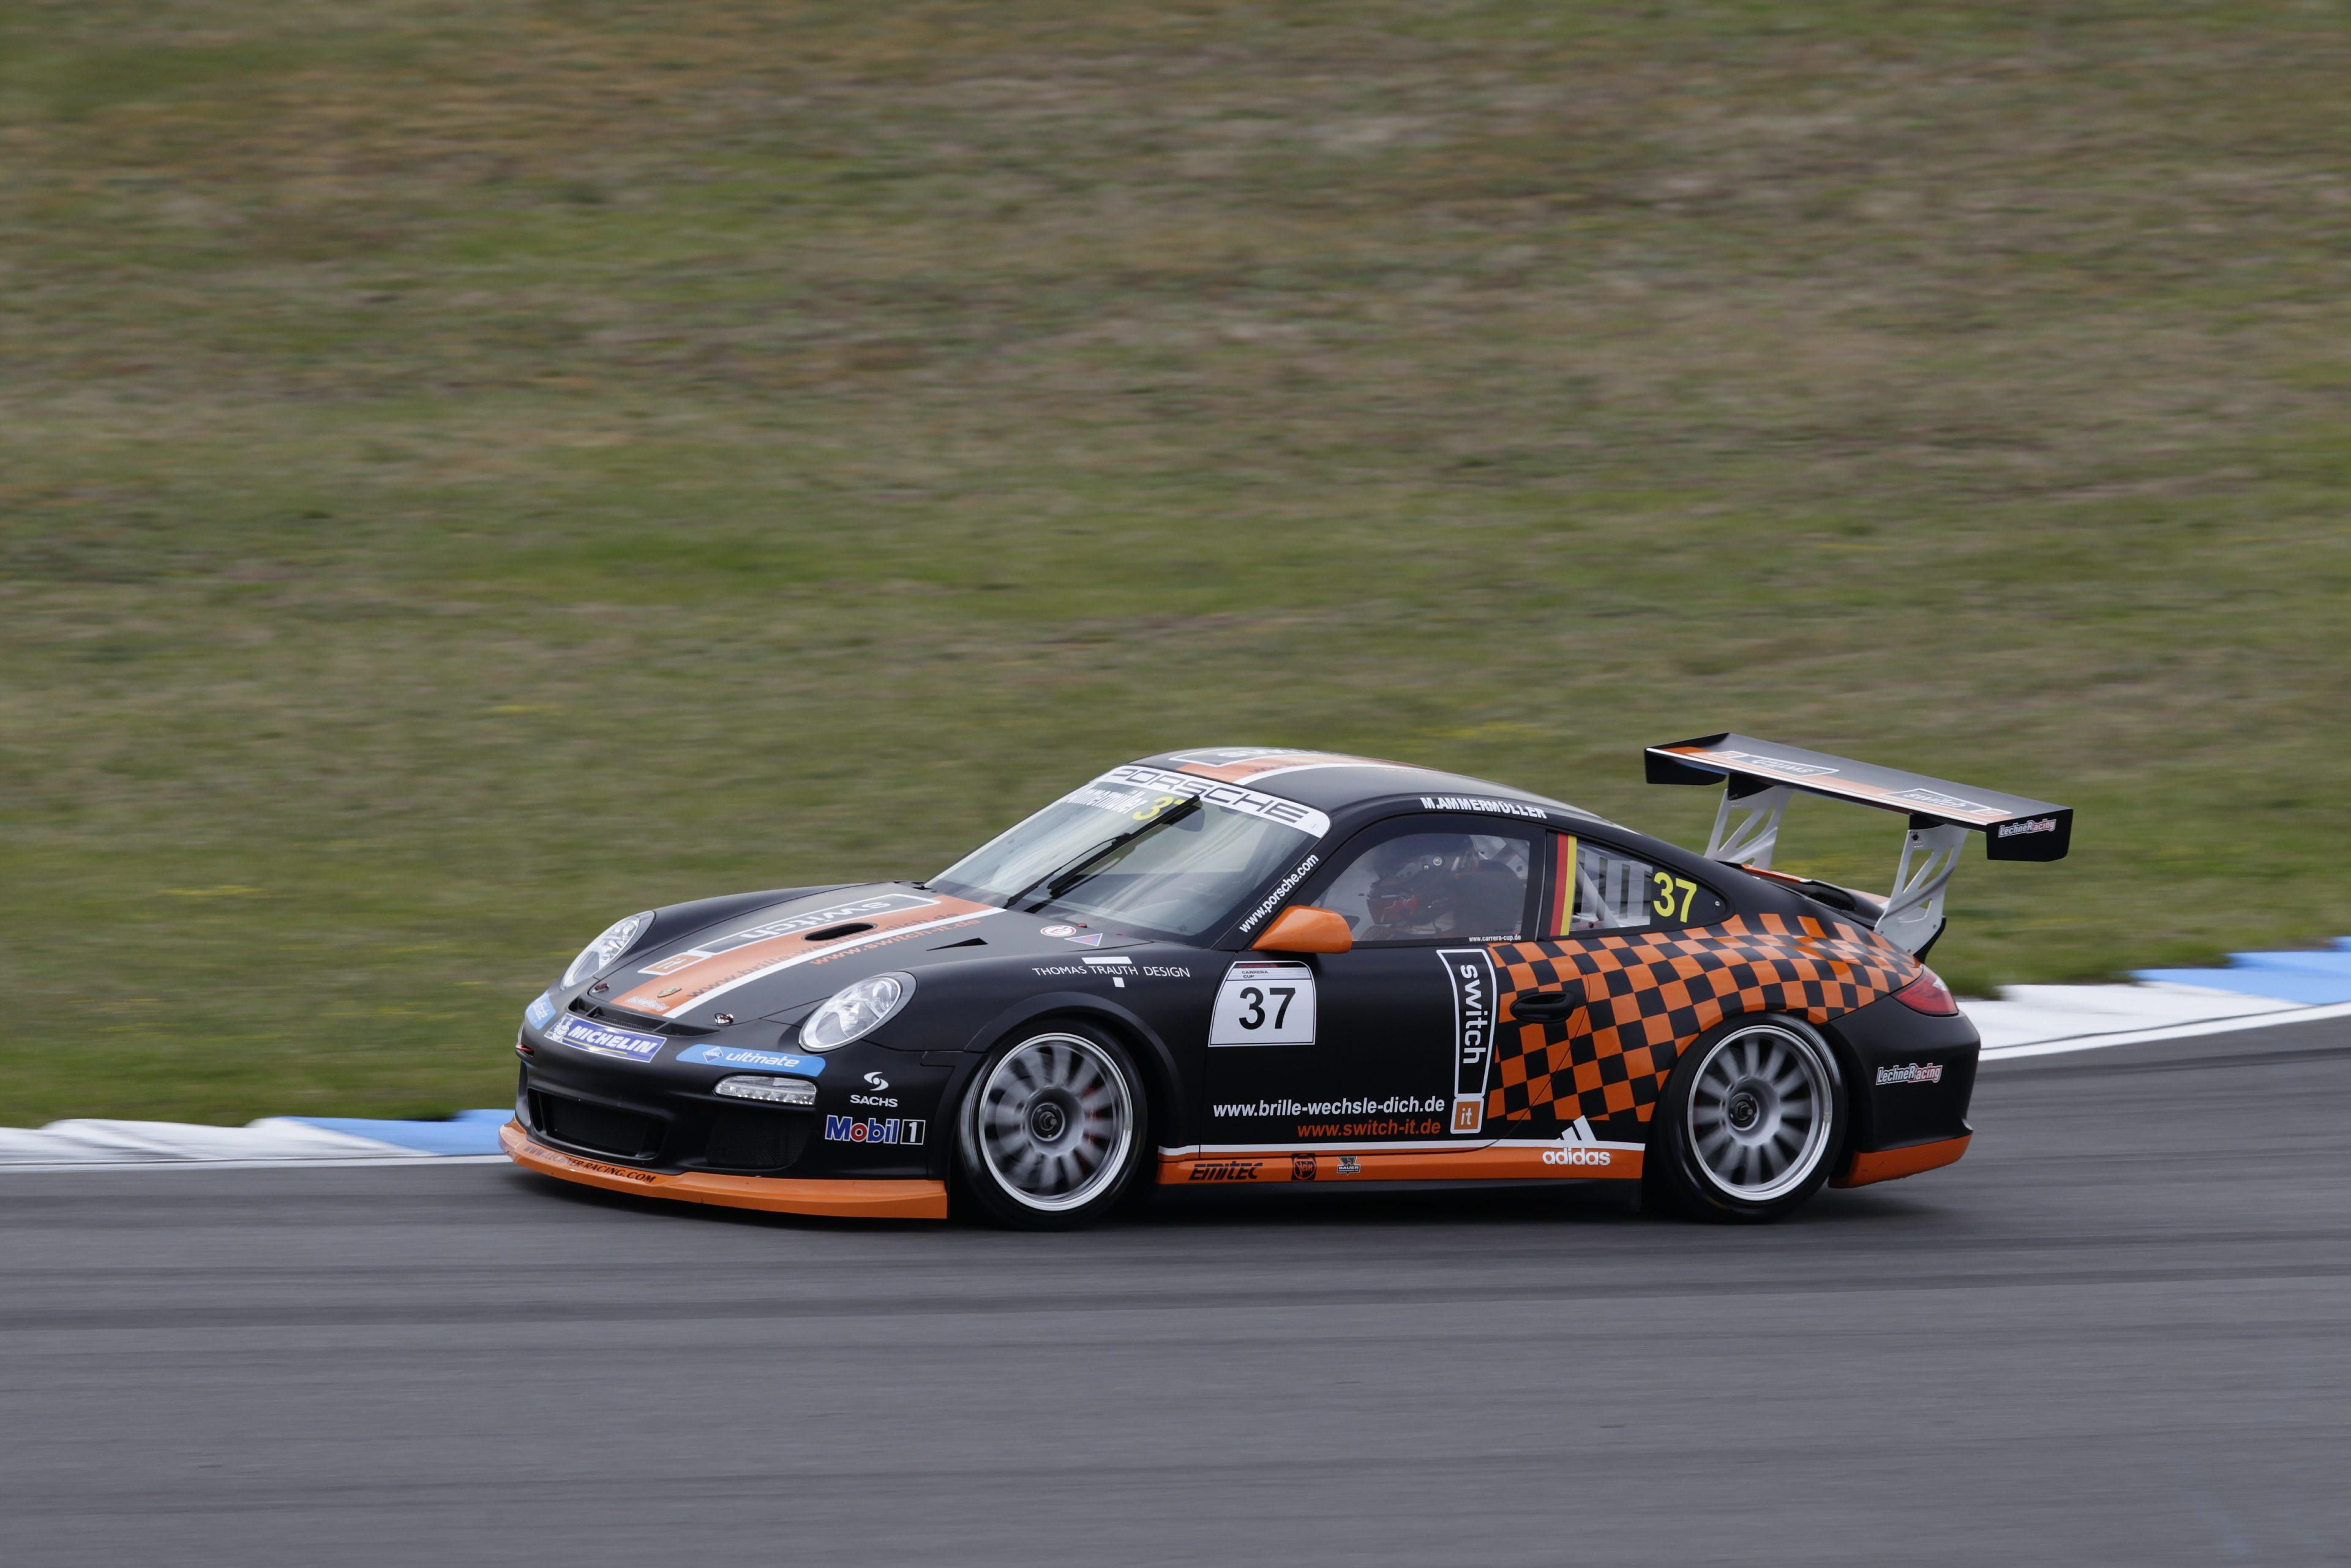 m12_0631_fine Cozy Prix D'une Porsche 911 Gt1 Cars Trend